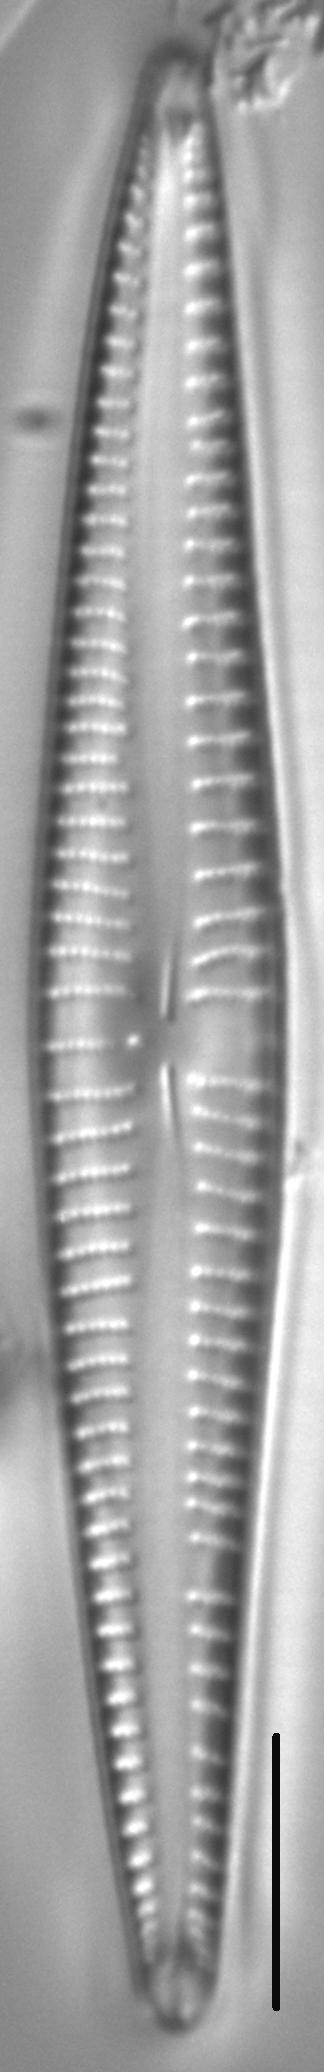 Kurtkrammeria Coxiae 459301 5